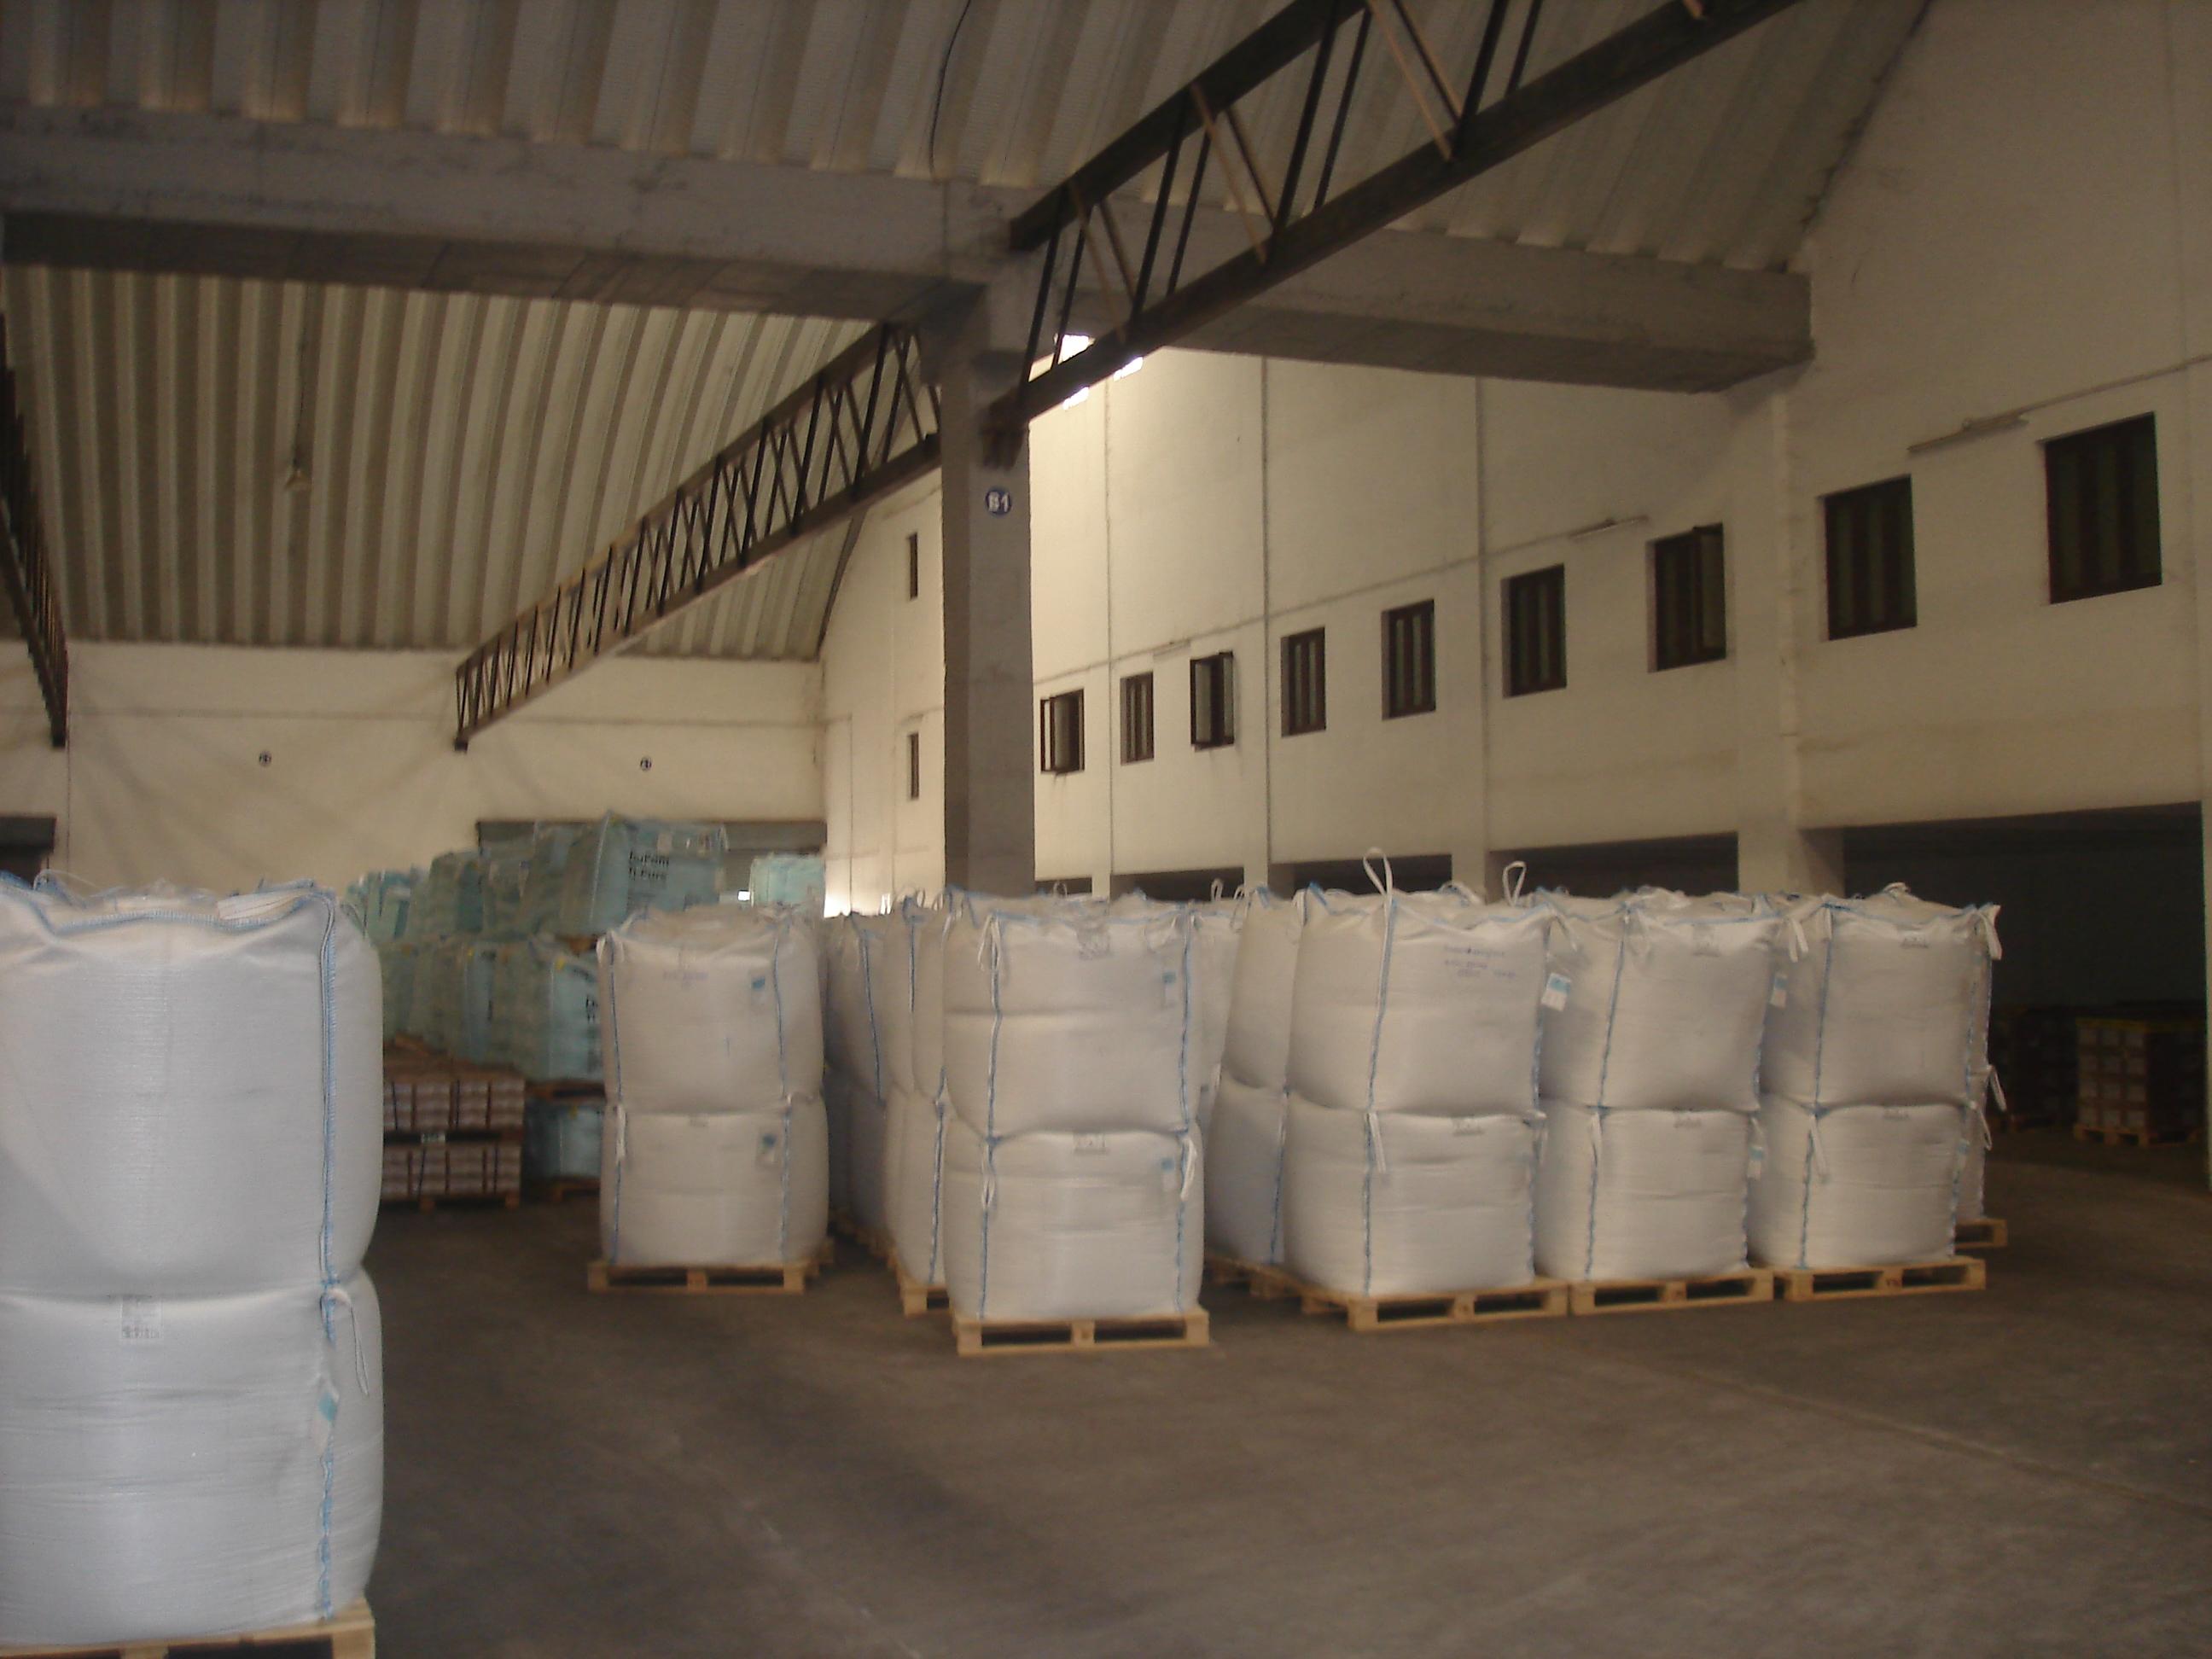 Olymic Warehouse Image 42